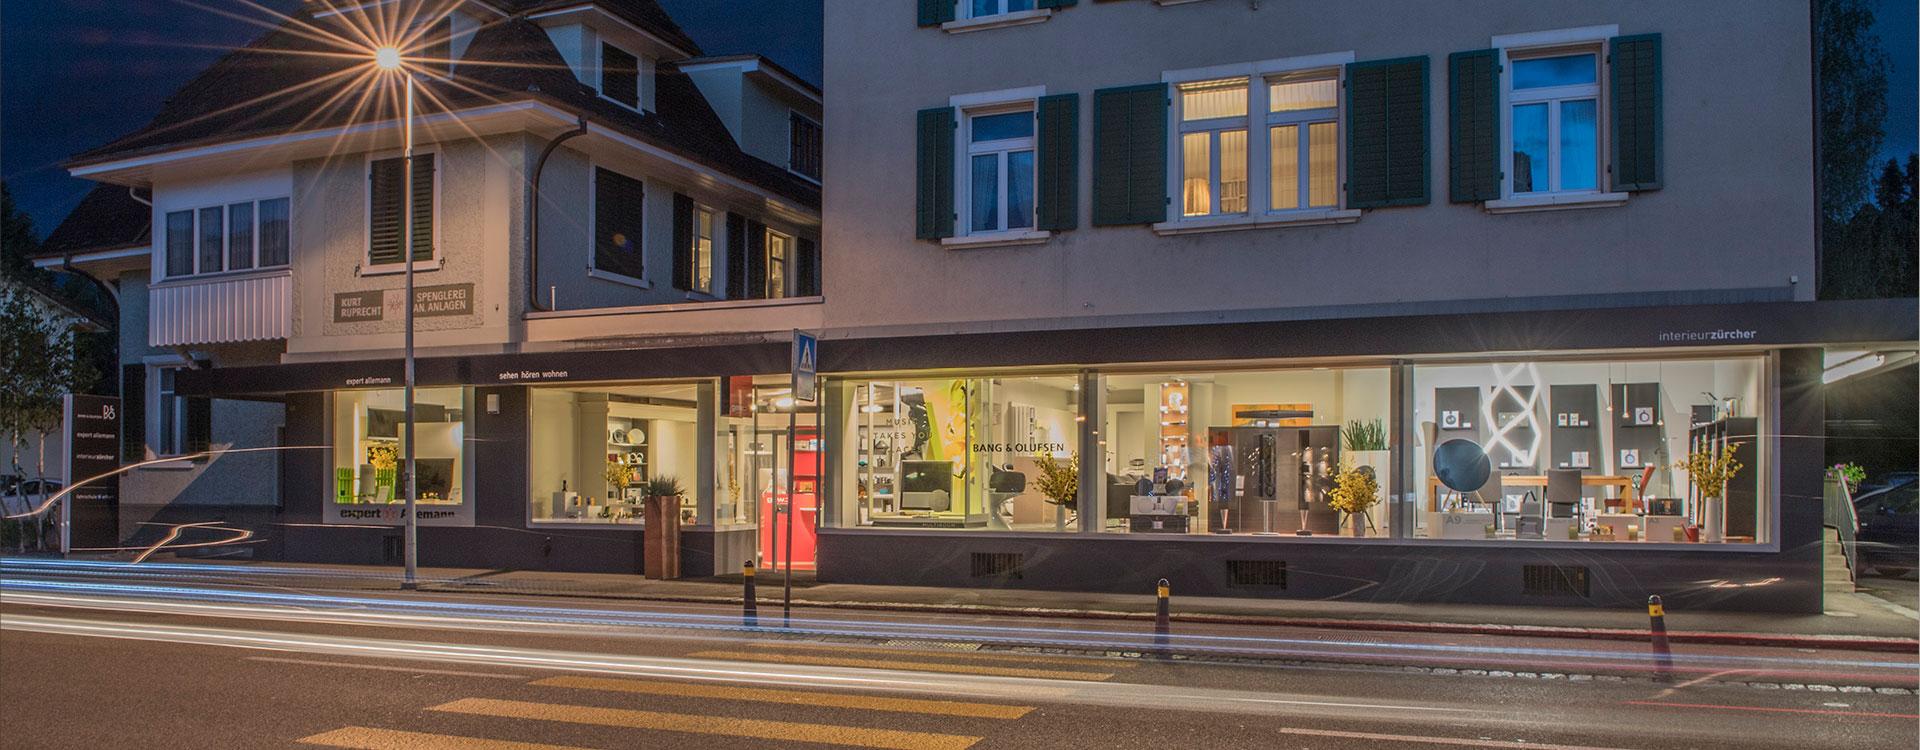 Allemann Media Gebäude